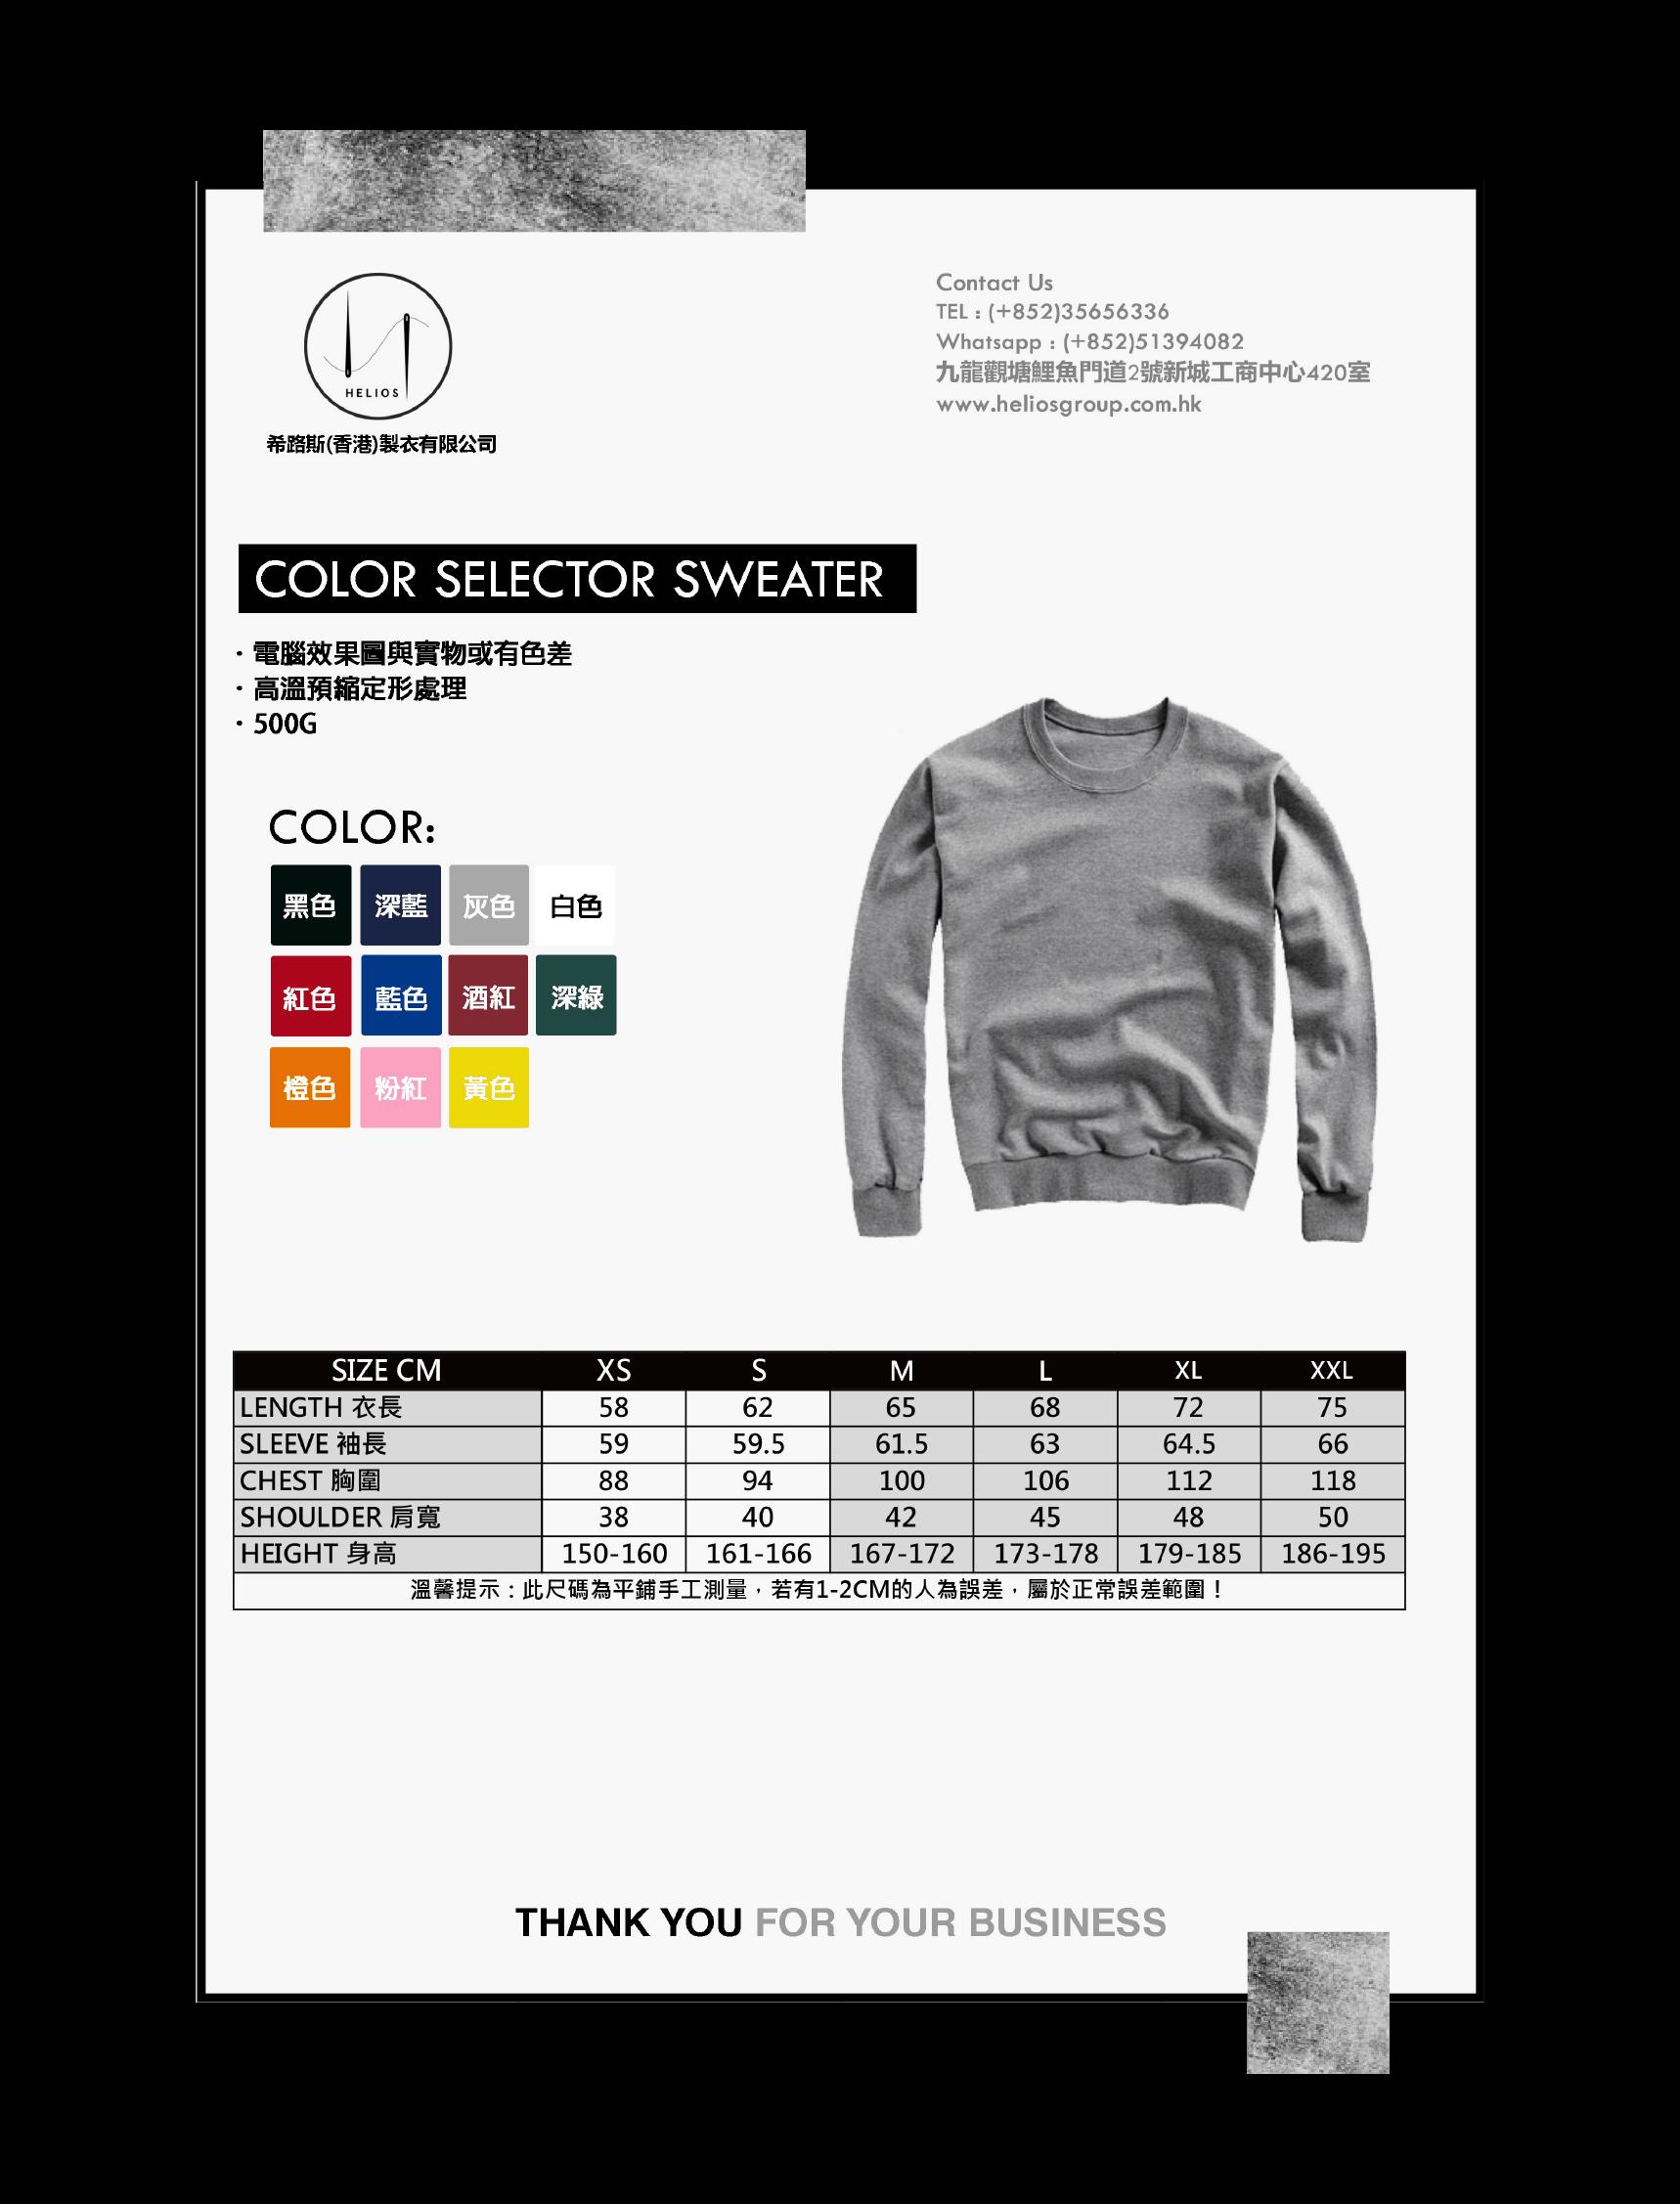 成衣 500G sweater 尺碼表